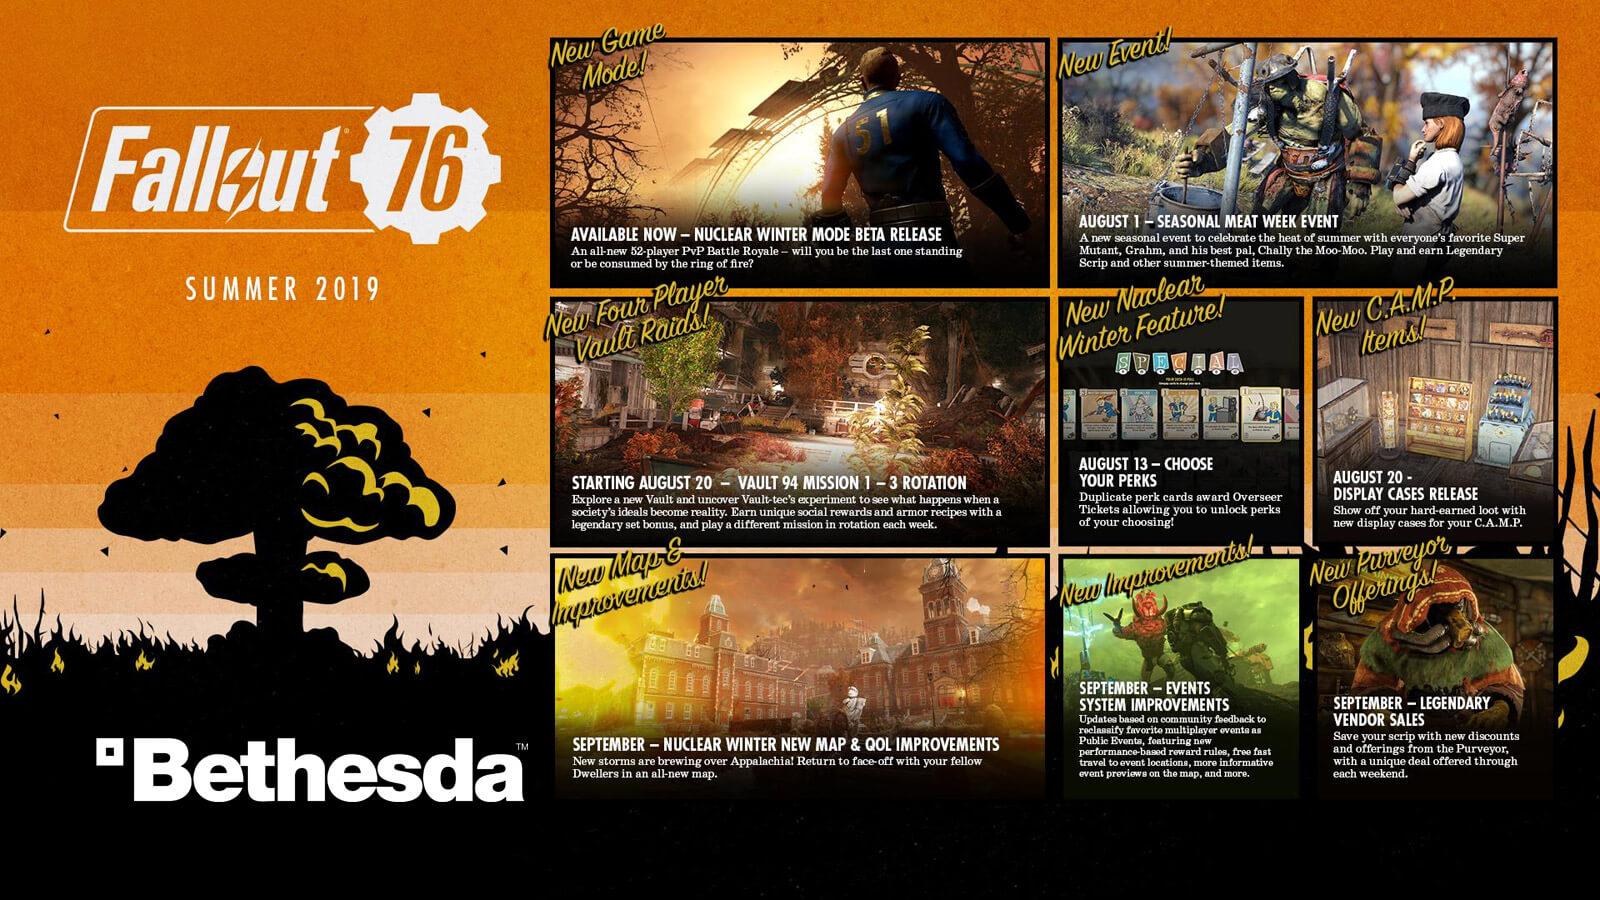 Fallout 76 Summer 2019 Content Roadmap - Gameslaught